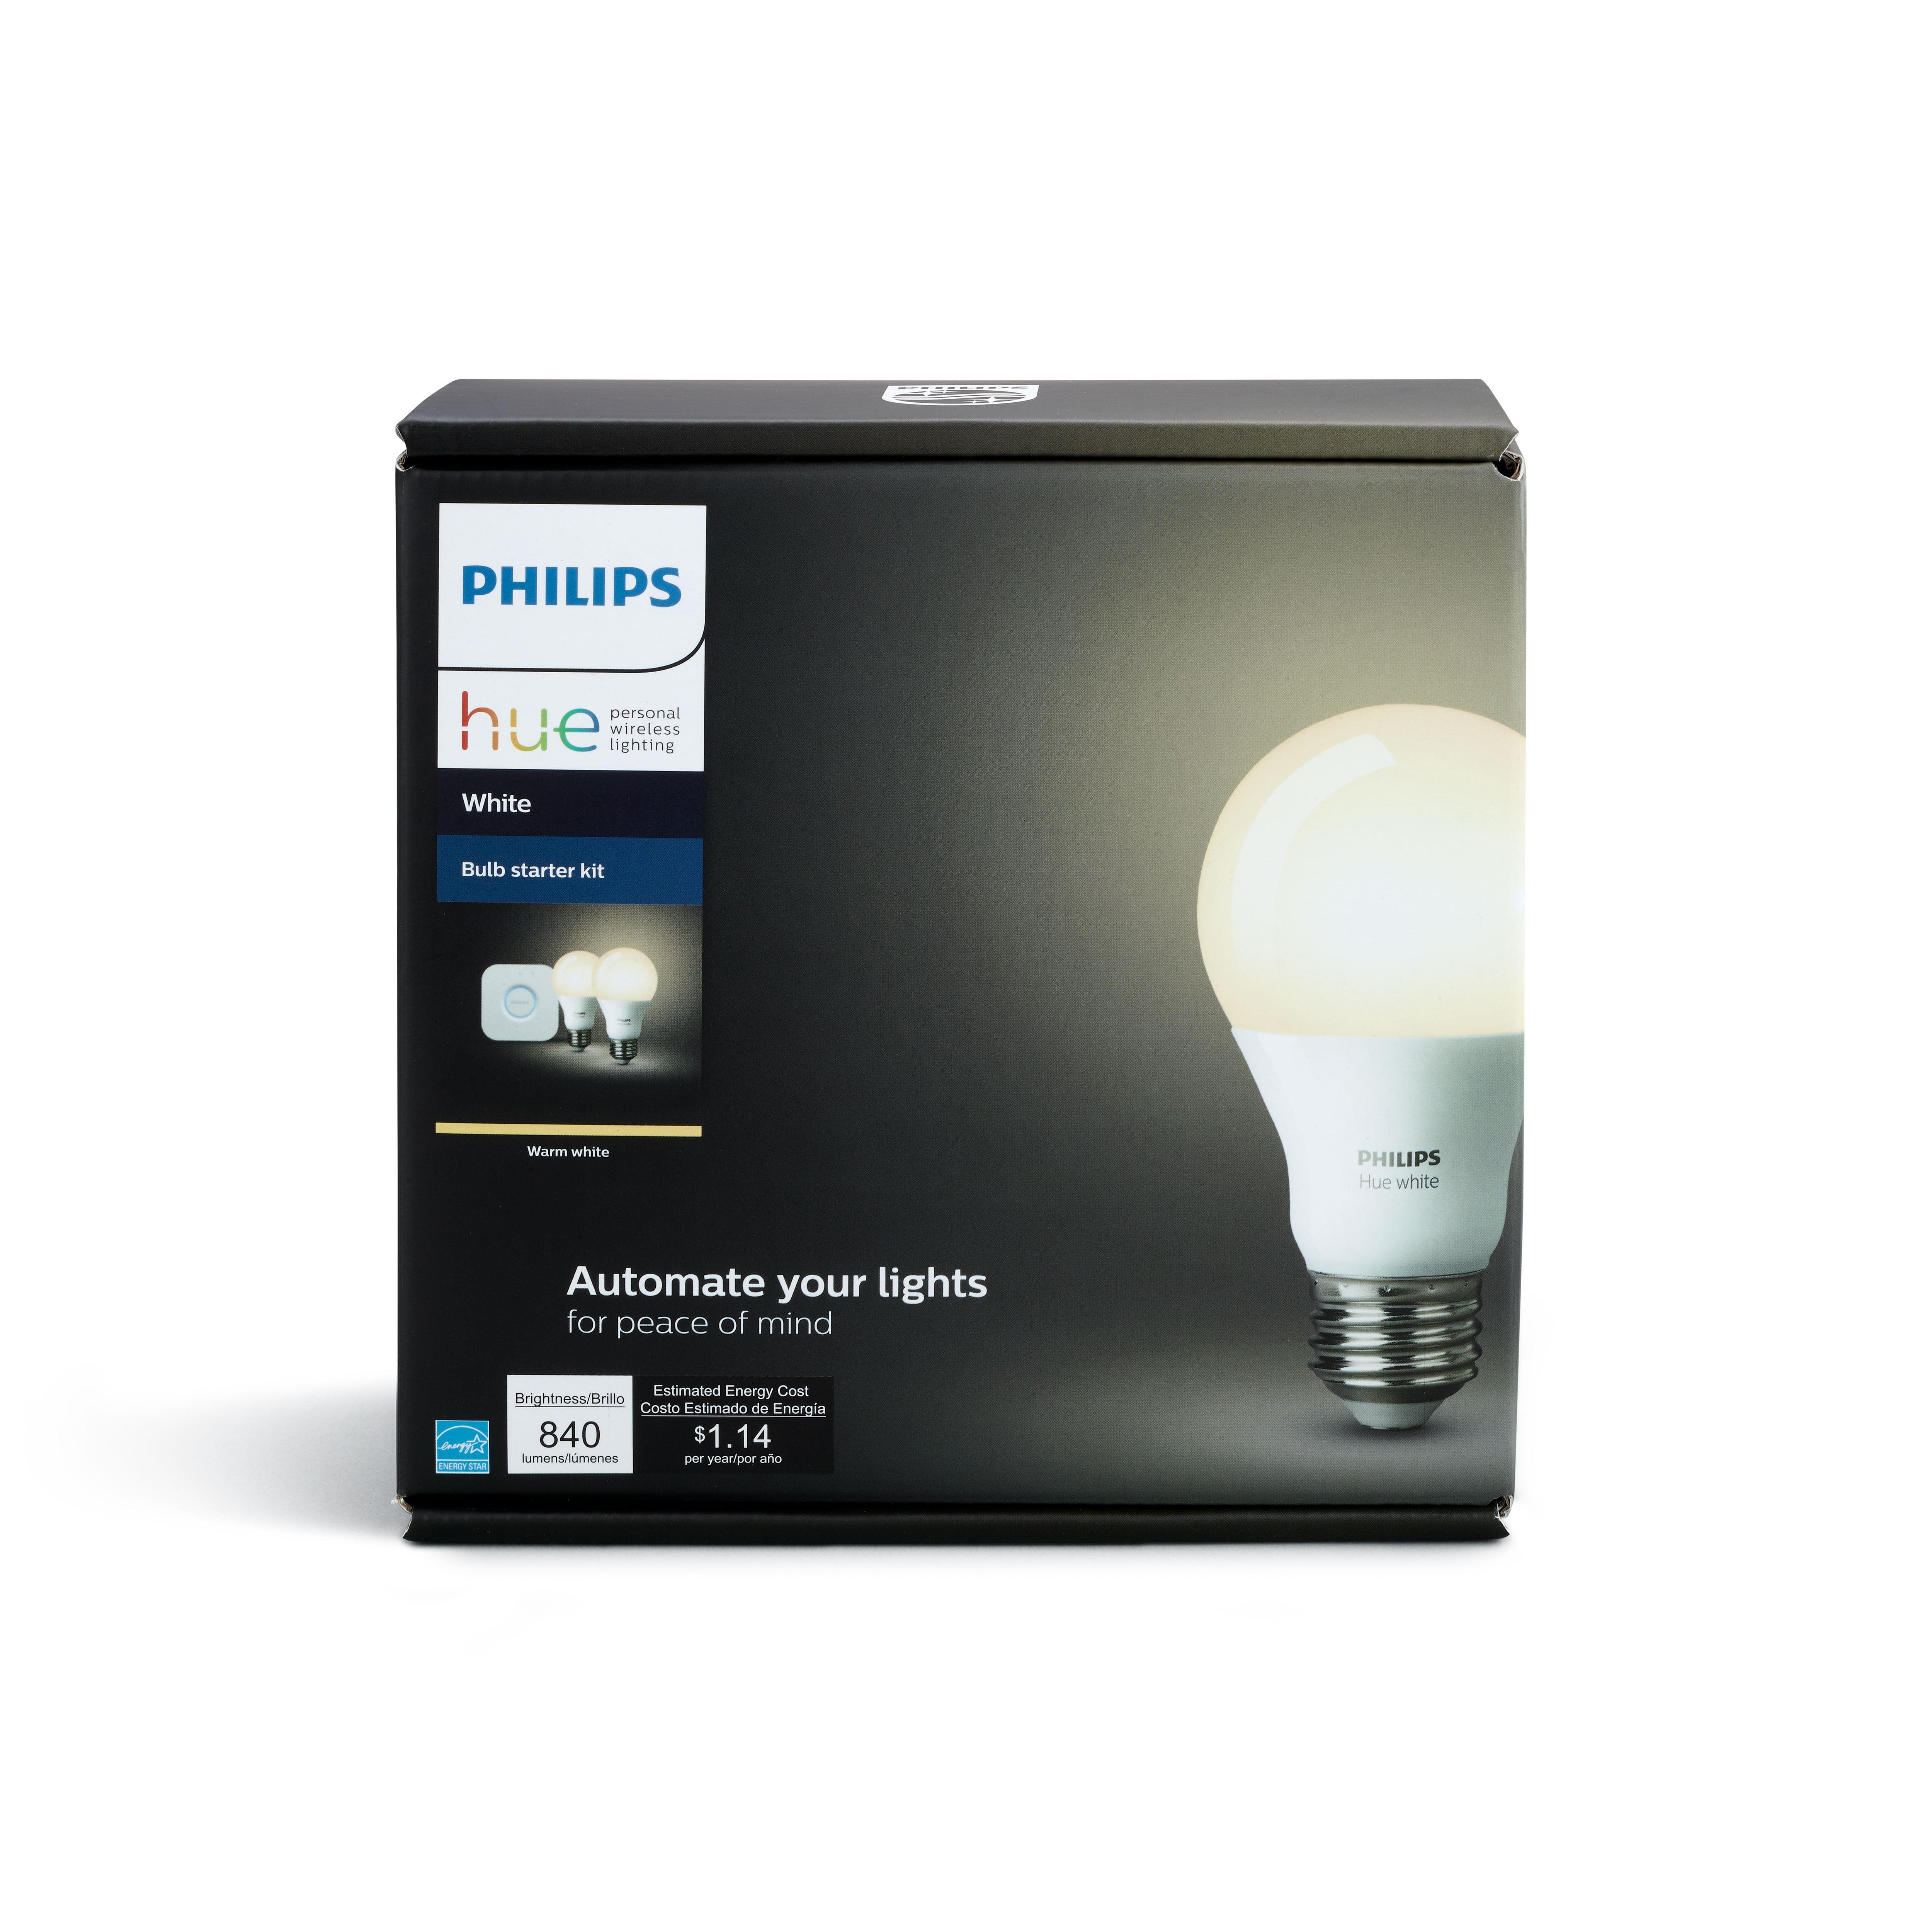 Philips Hue White A19 Smart Light Starter Kit, 60W LED, 2-Pack